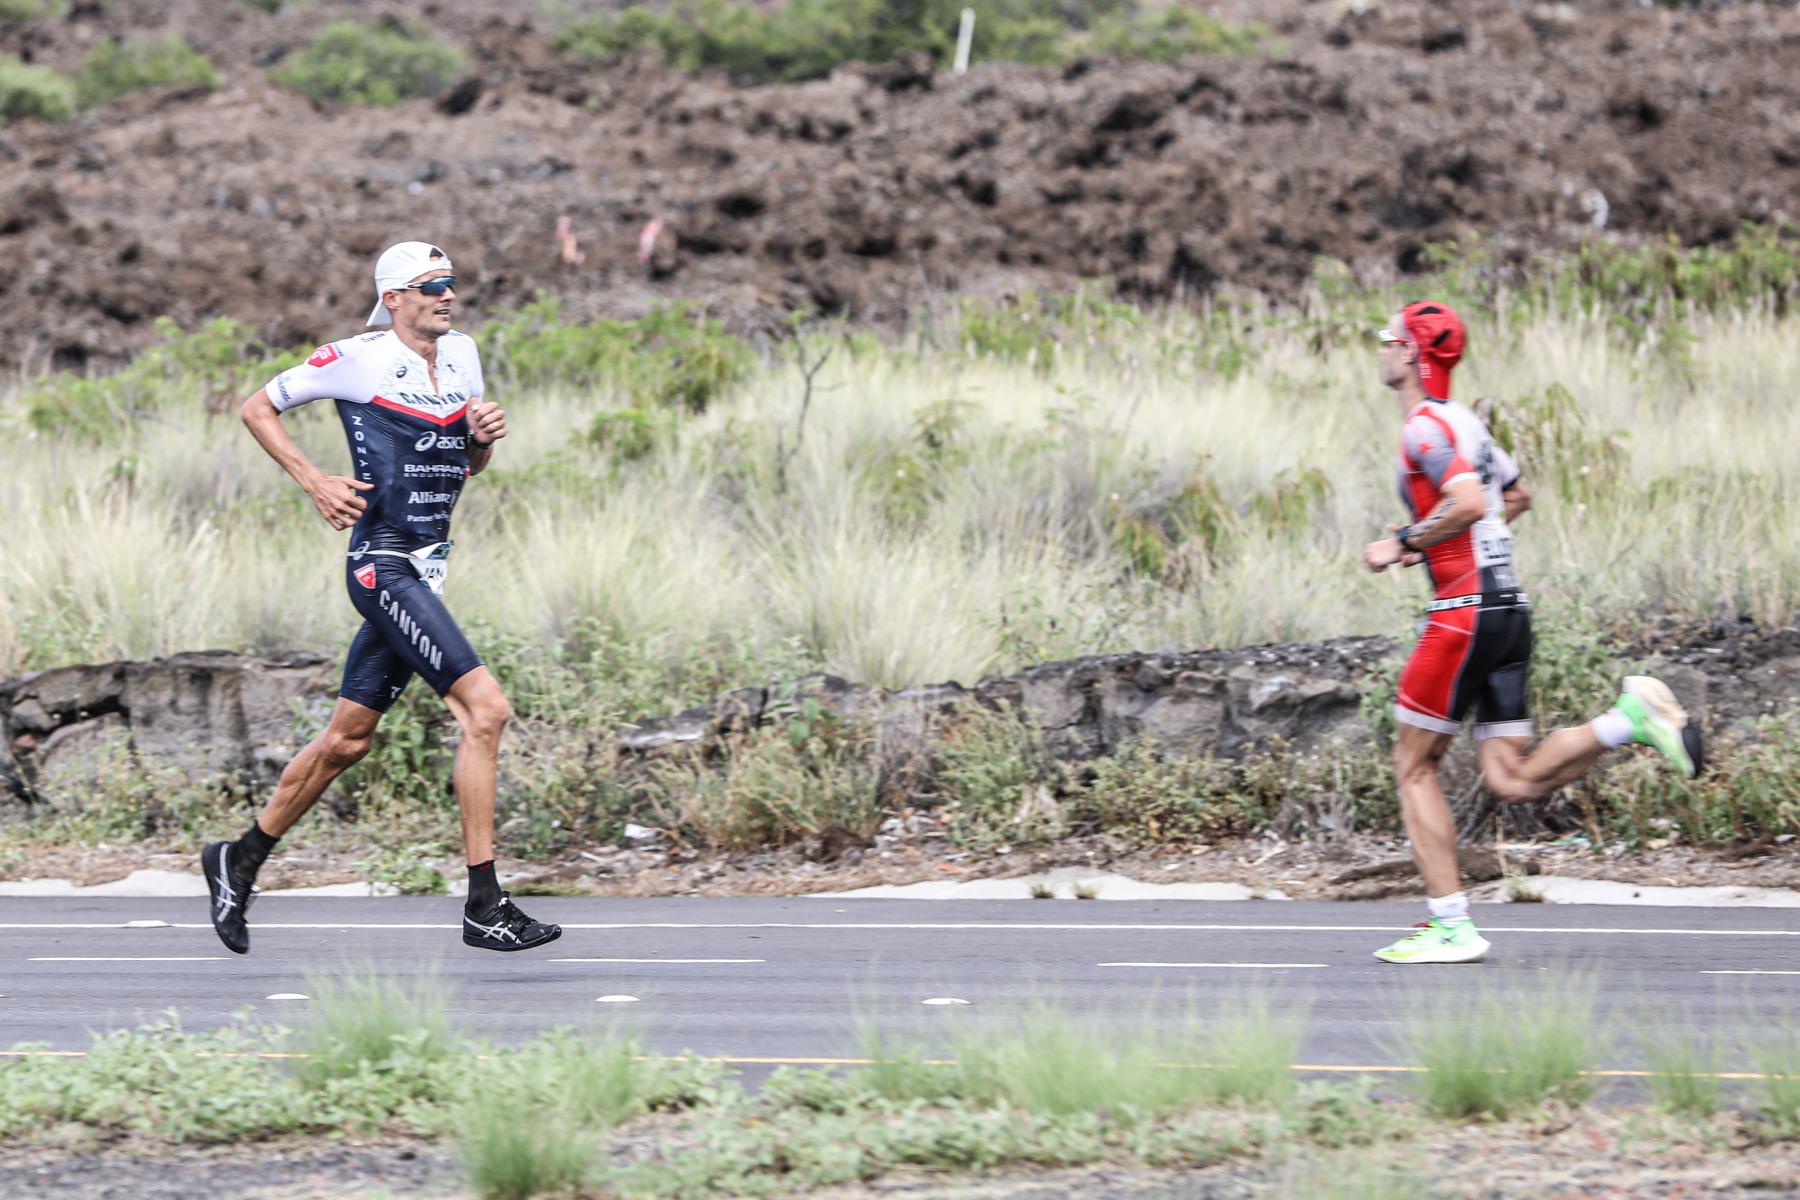 Zurück in die Stadt: Jan Frodeno geht auf die letzten zehn Kilometer und nimmt die Ovationen der entgegenkommenden Agegrouper entgegen.